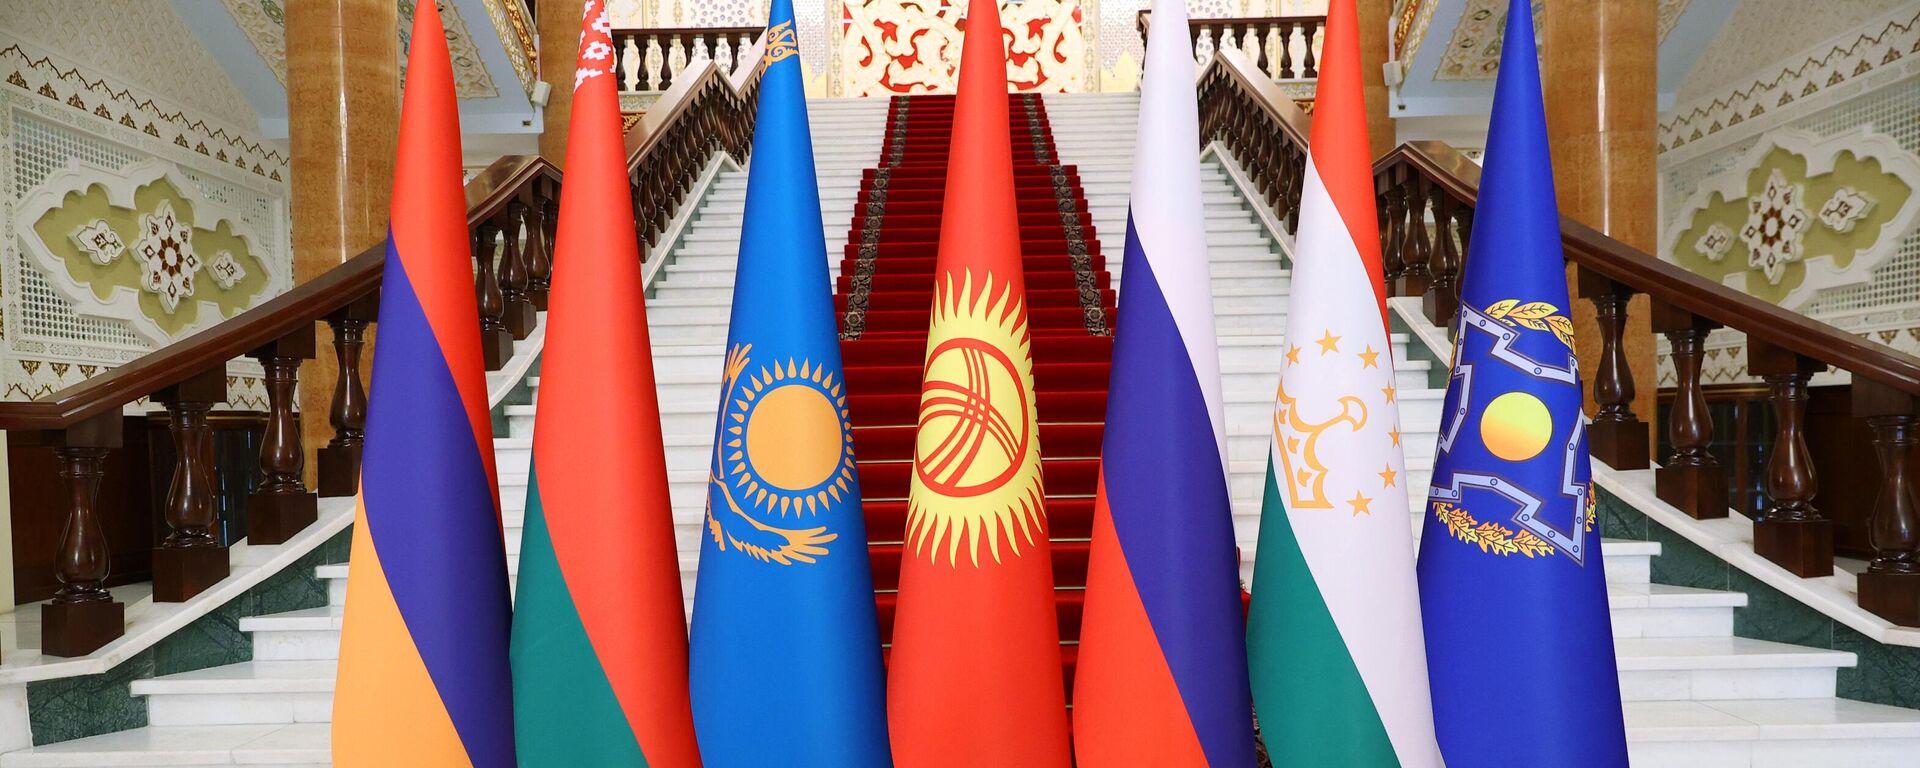 Заседание Совета коллективной безопасности ОДКБ - Sputnik Արմենիա, 1920, 22.09.2021